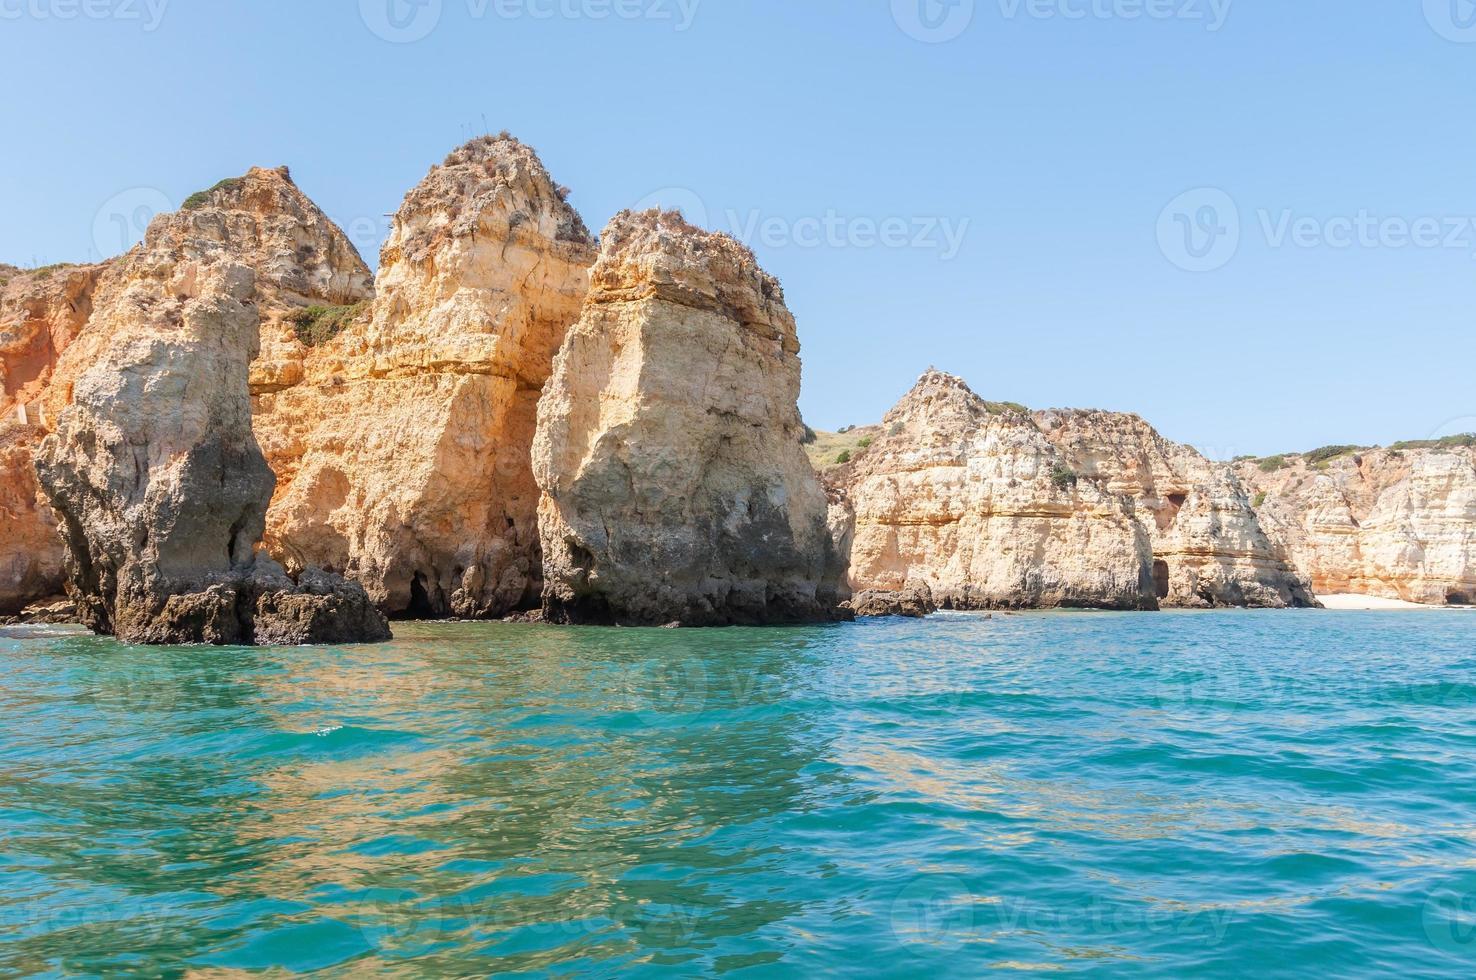 rotsformaties bij lagos gezien vanaf het water foto